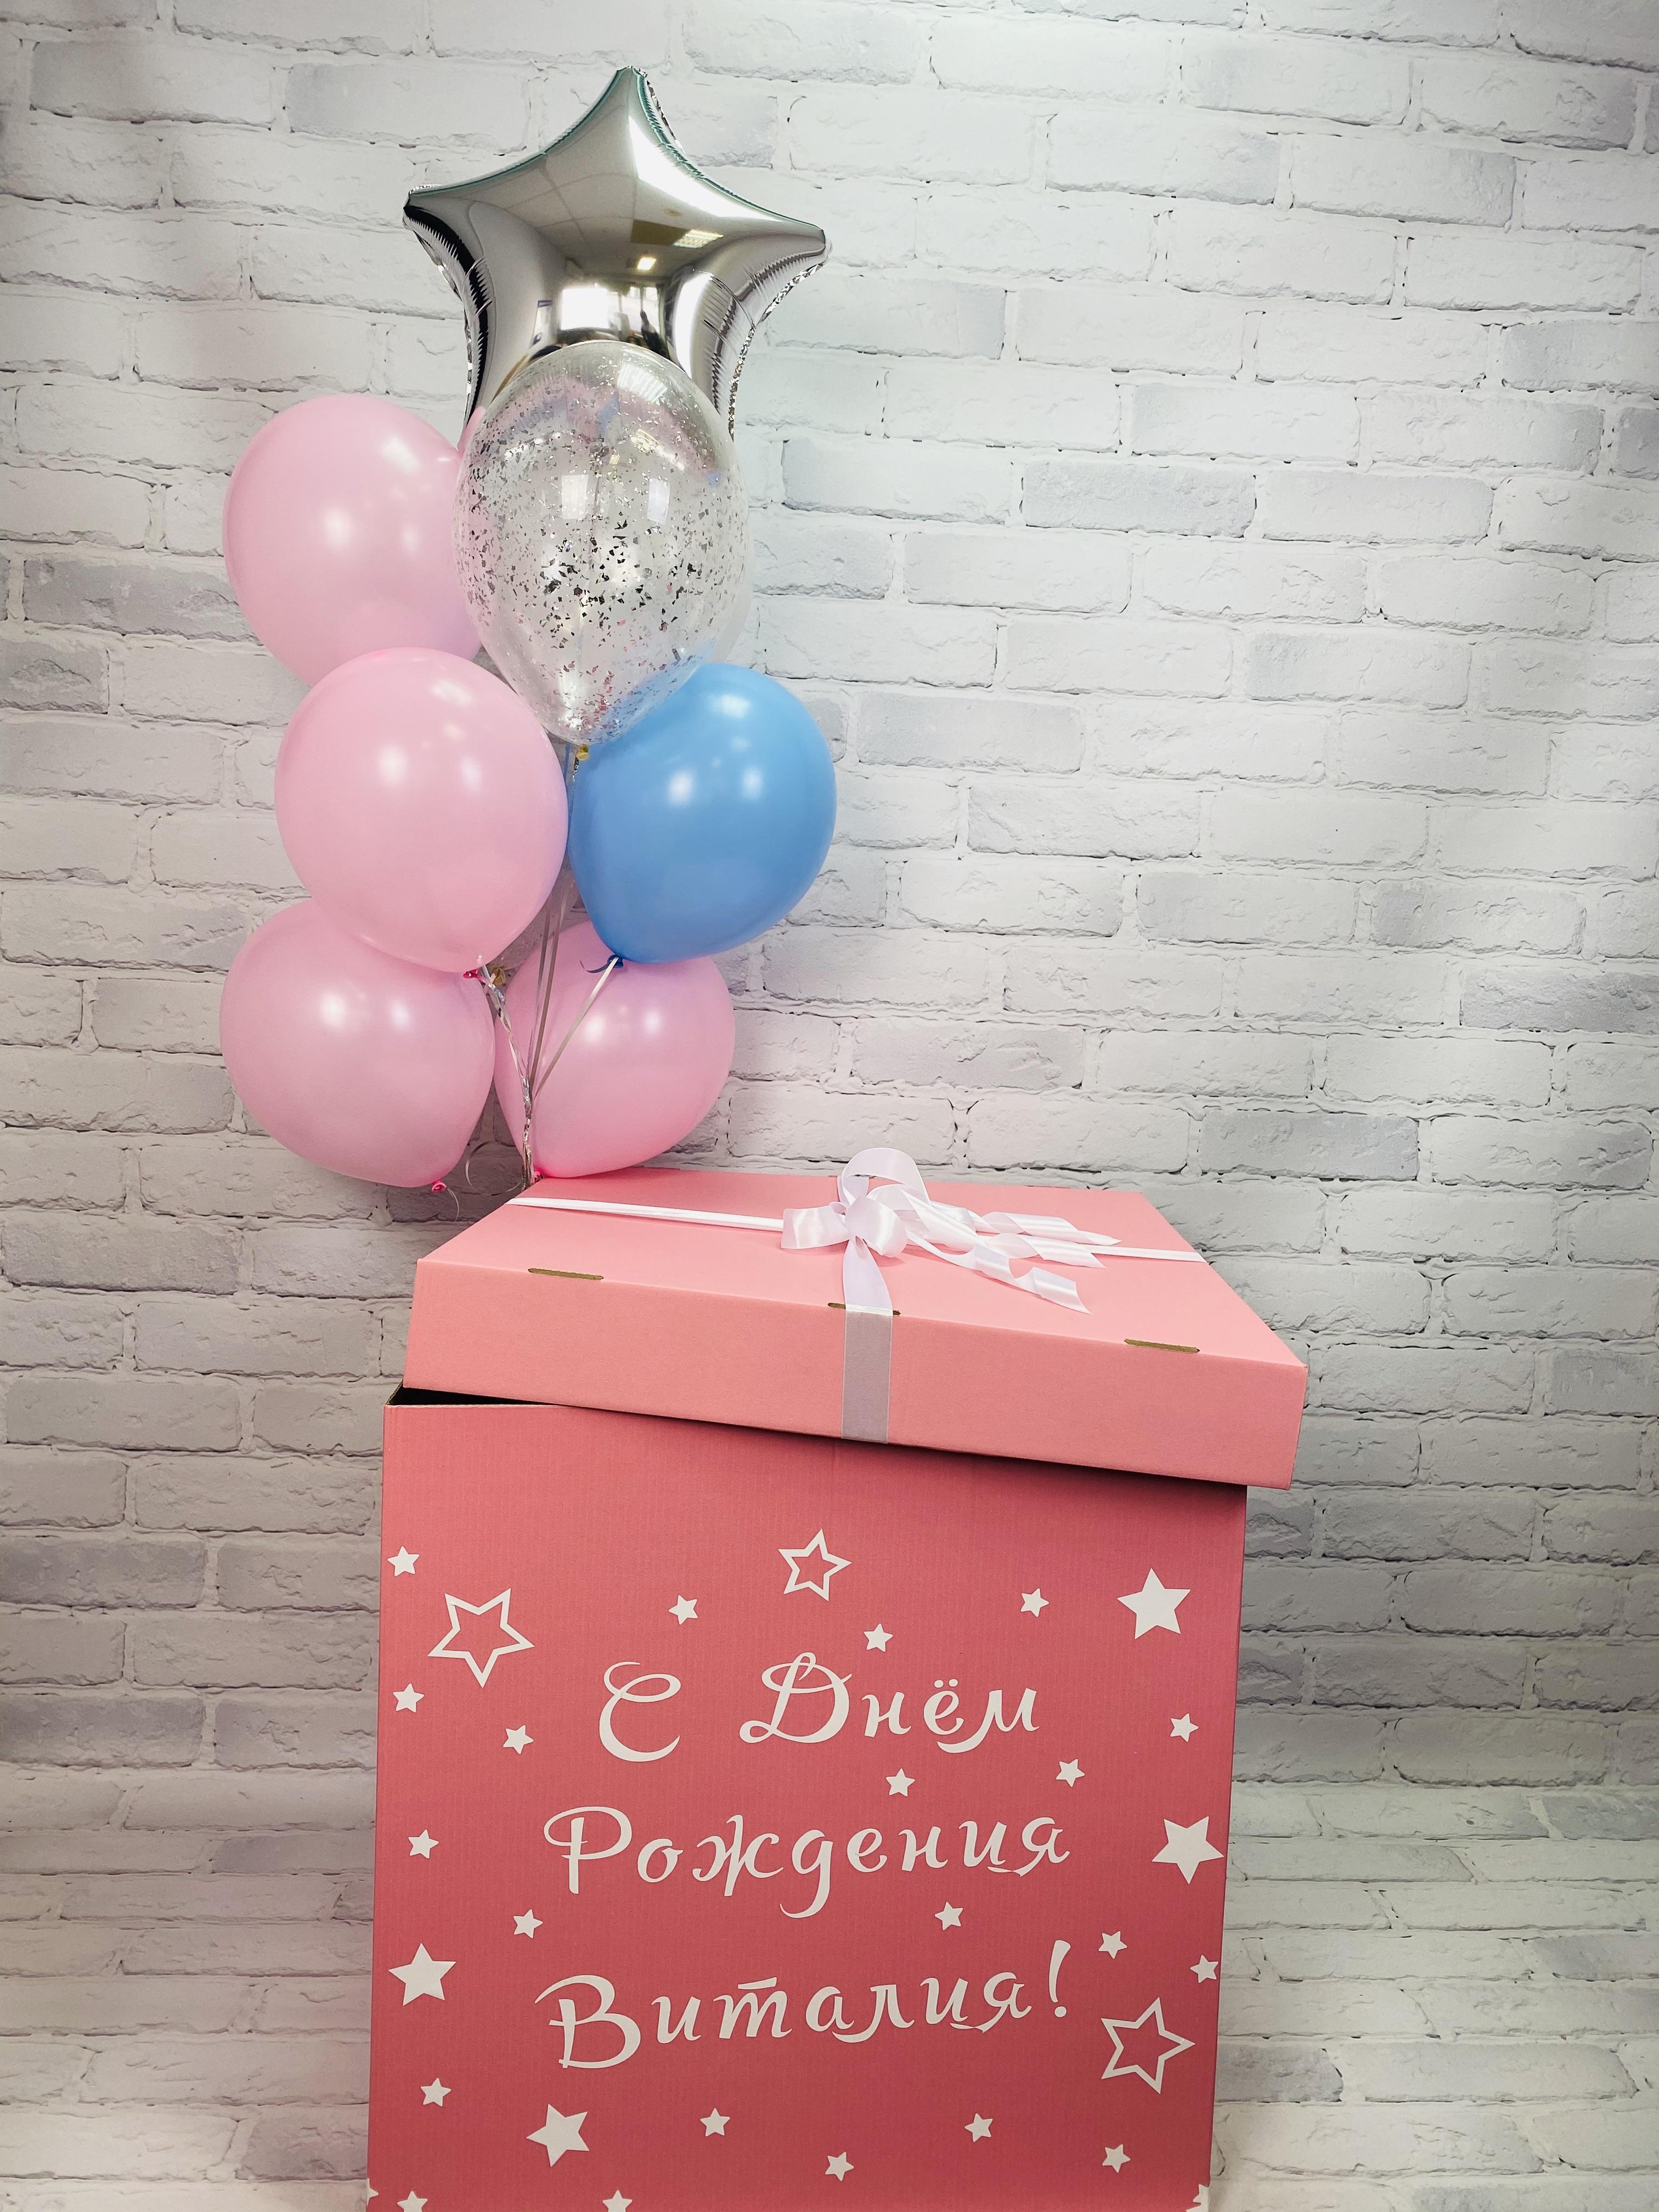 Гелиевые шары на День рождения с доставкой по Москве